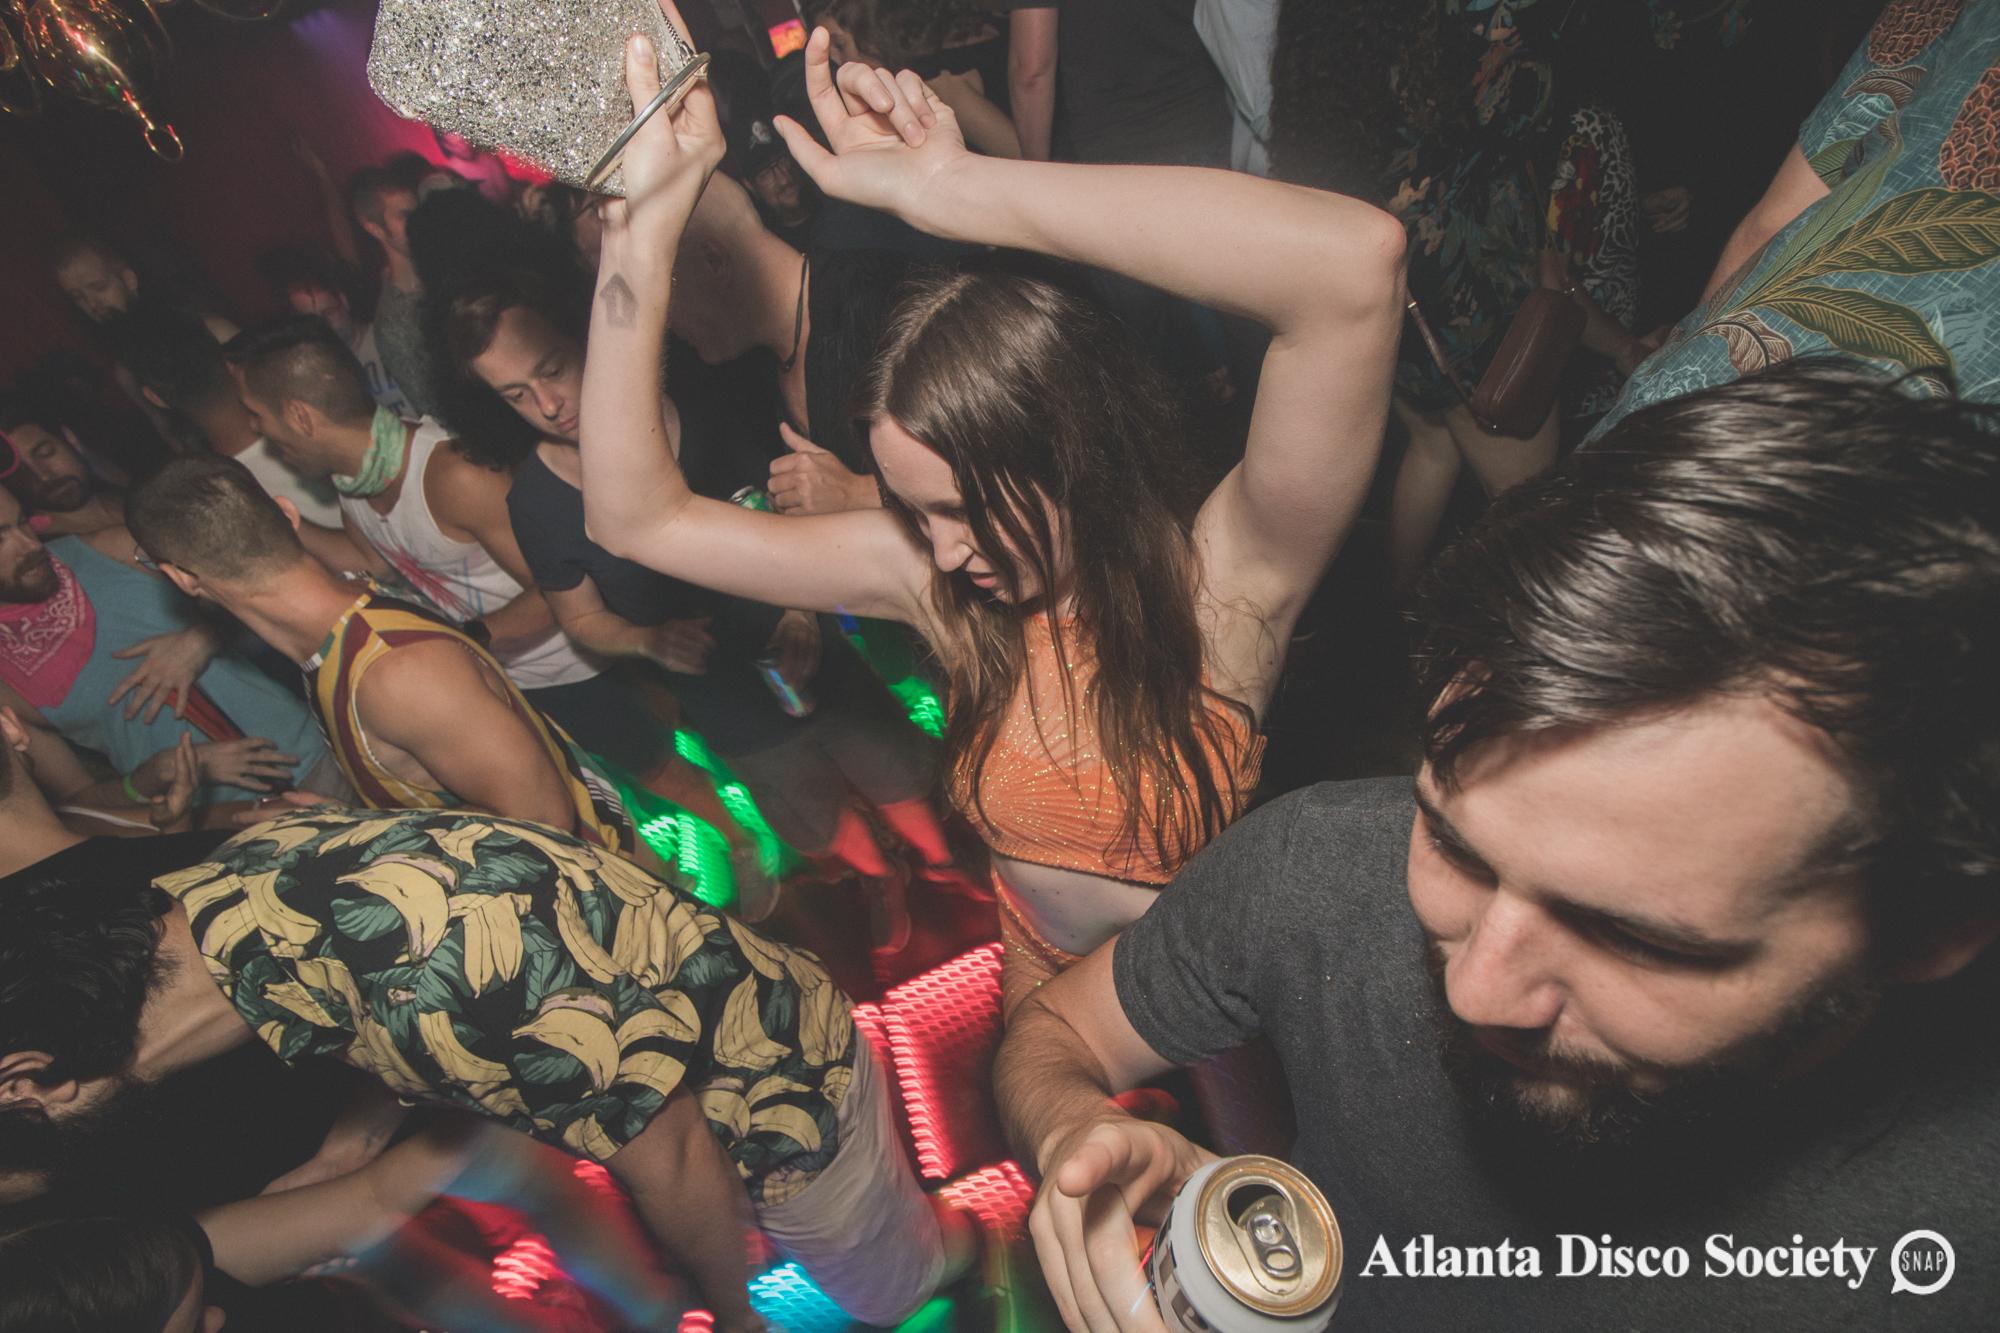 129Atlanta Disco Society Grace Kelly Oh Snap Kid 7.27.19.jpg